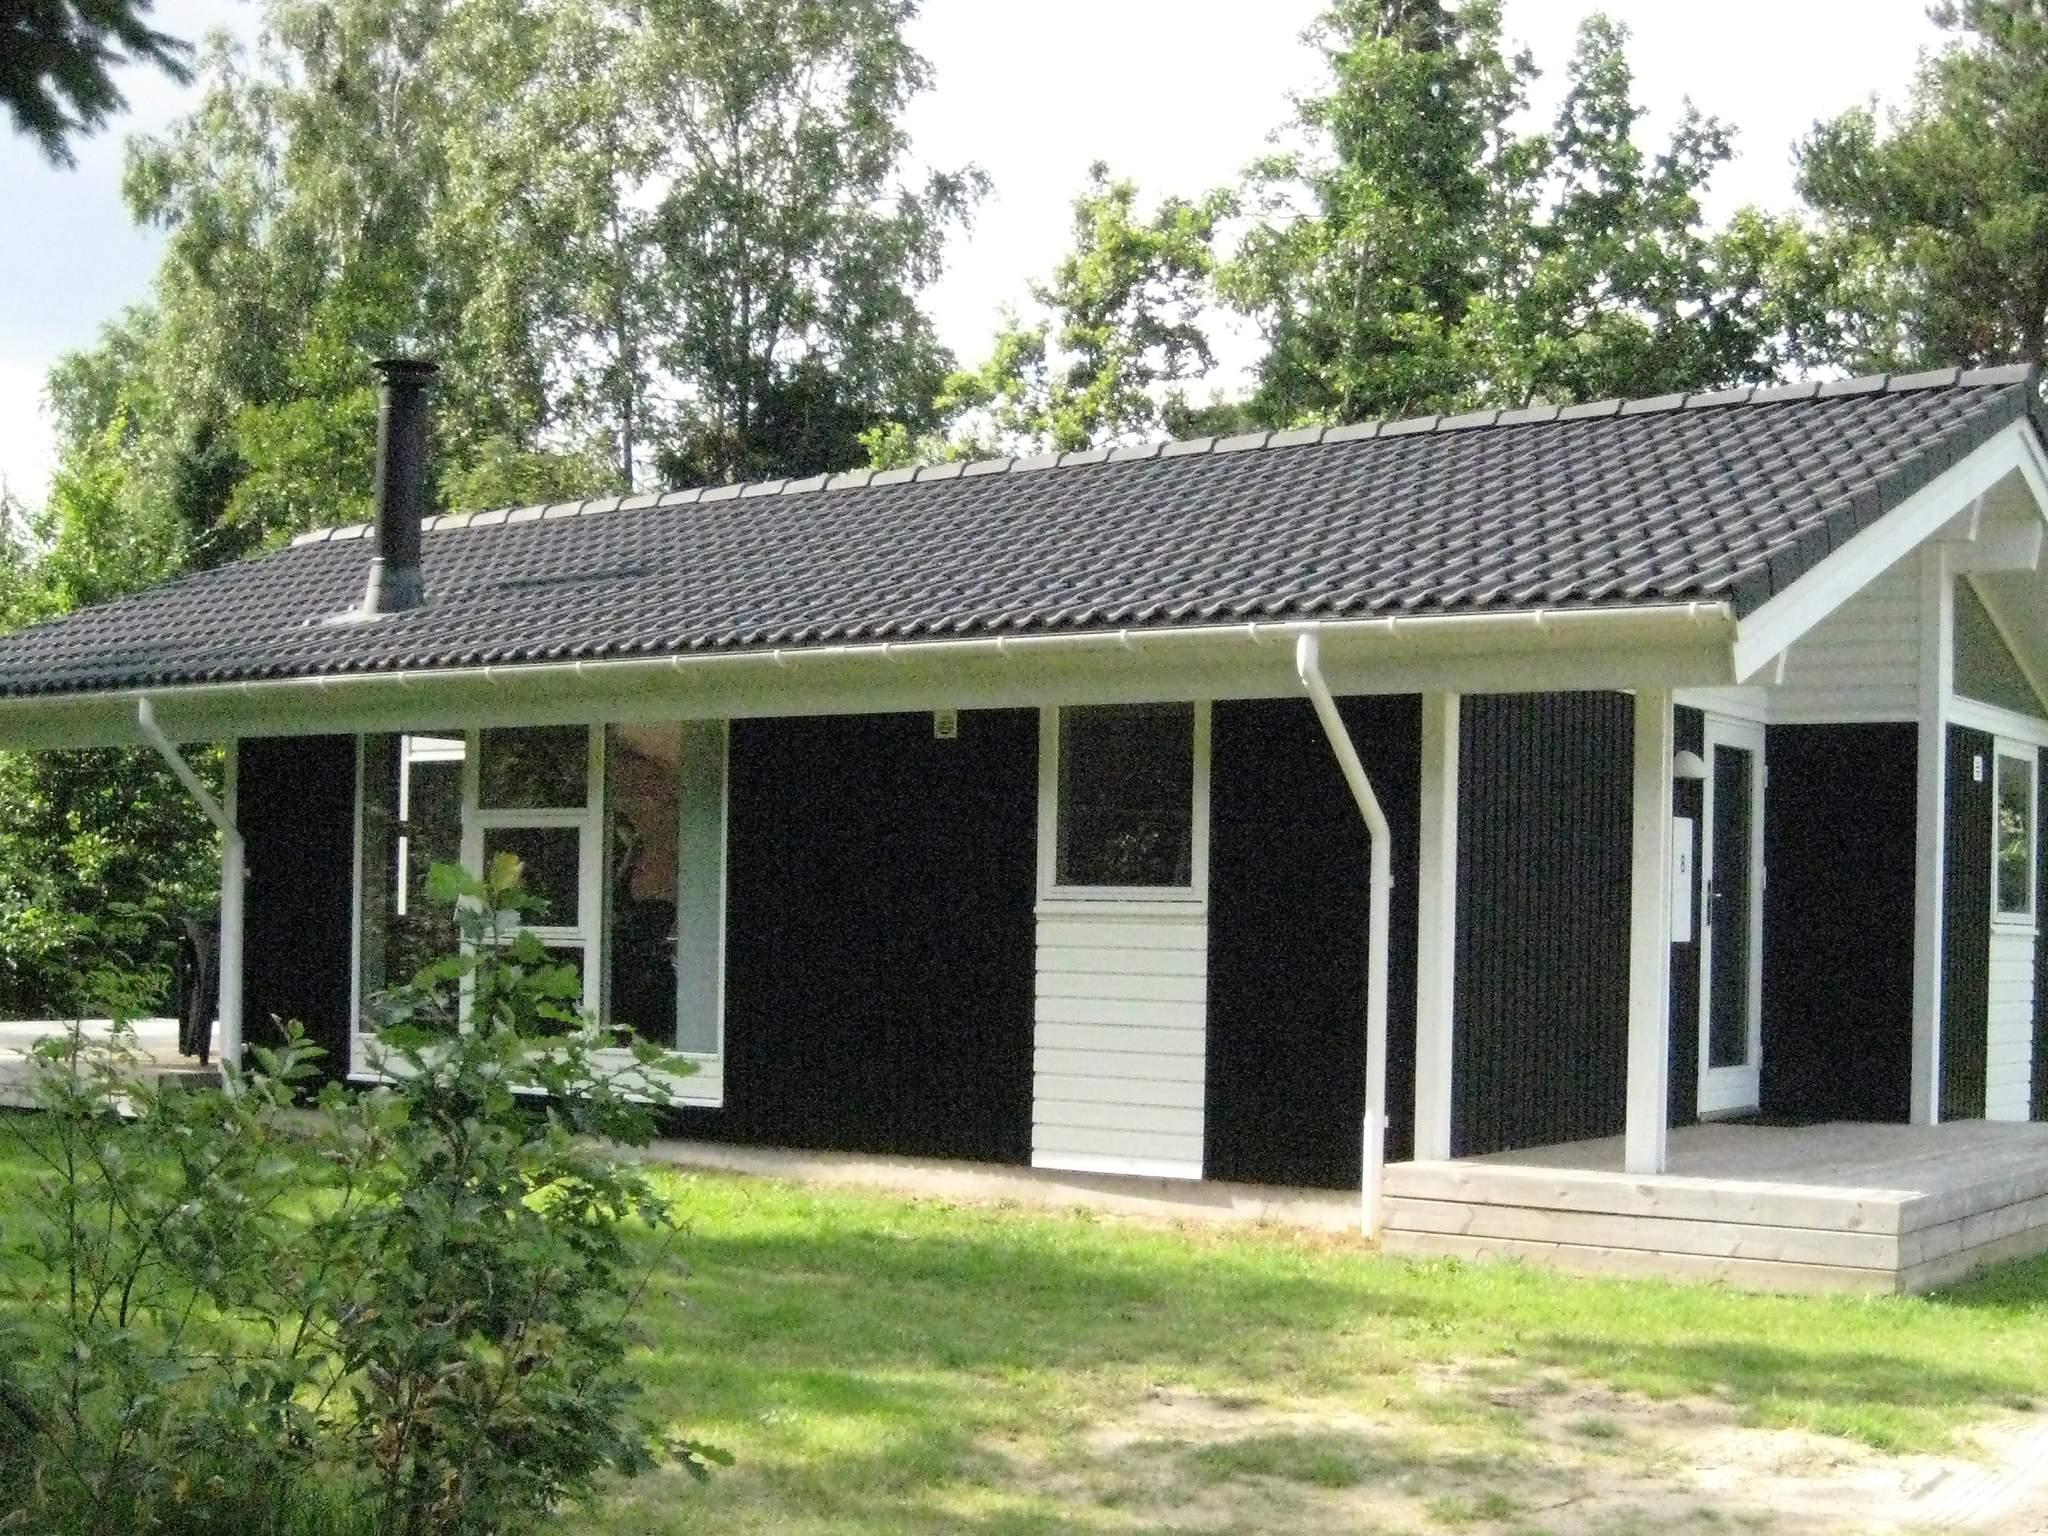 Ferienhaus Silkeborg (264074), Silkeborg, , Ostjütland, Dänemark, Bild 1